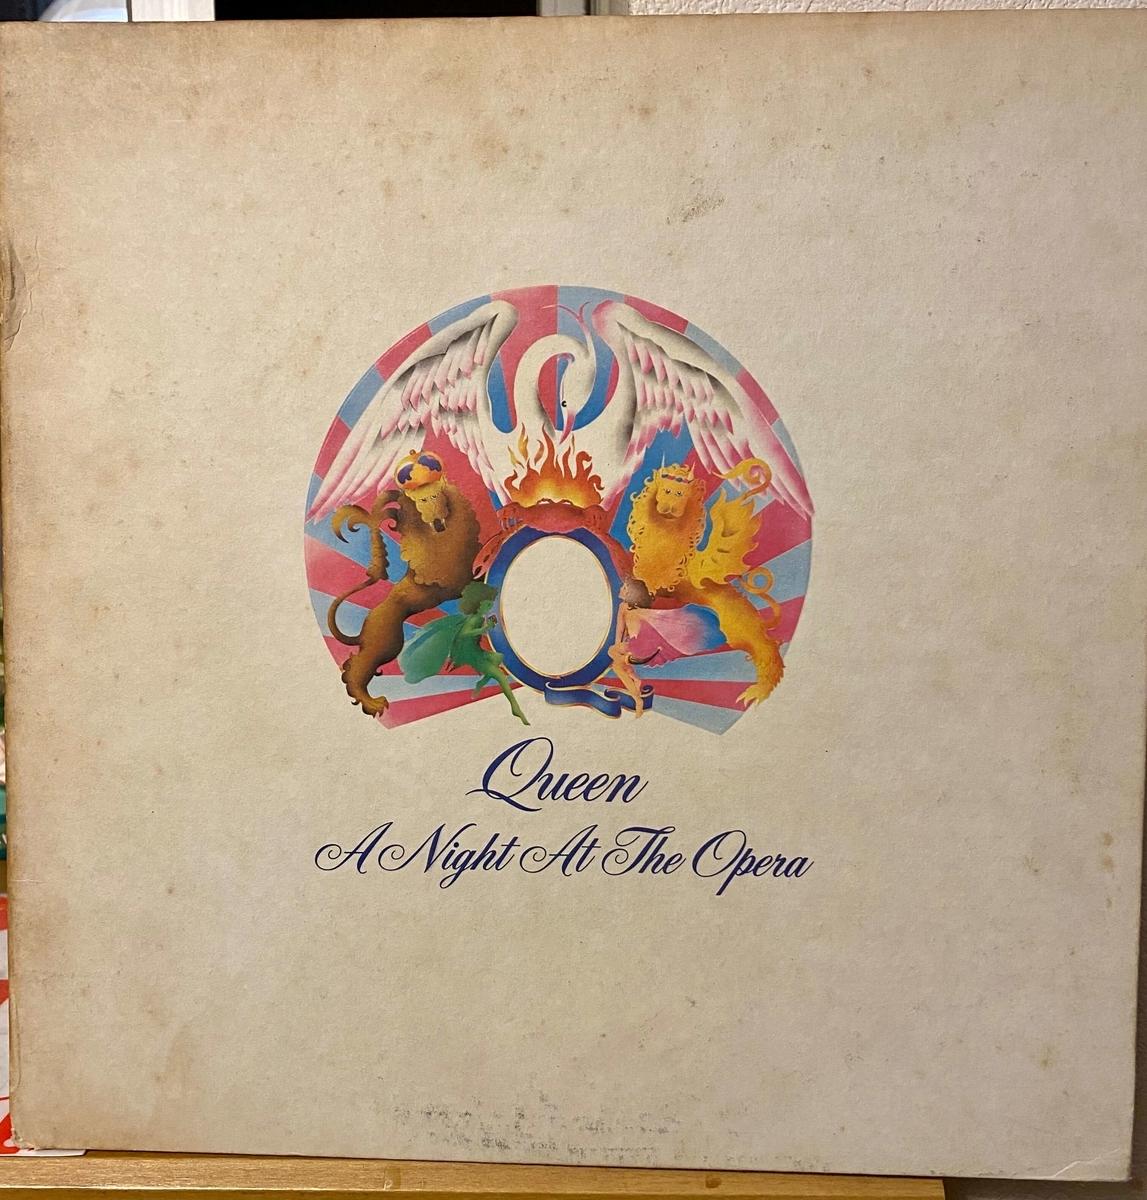 1975年発売のQueen「オペラ座の夜」のLPレコード